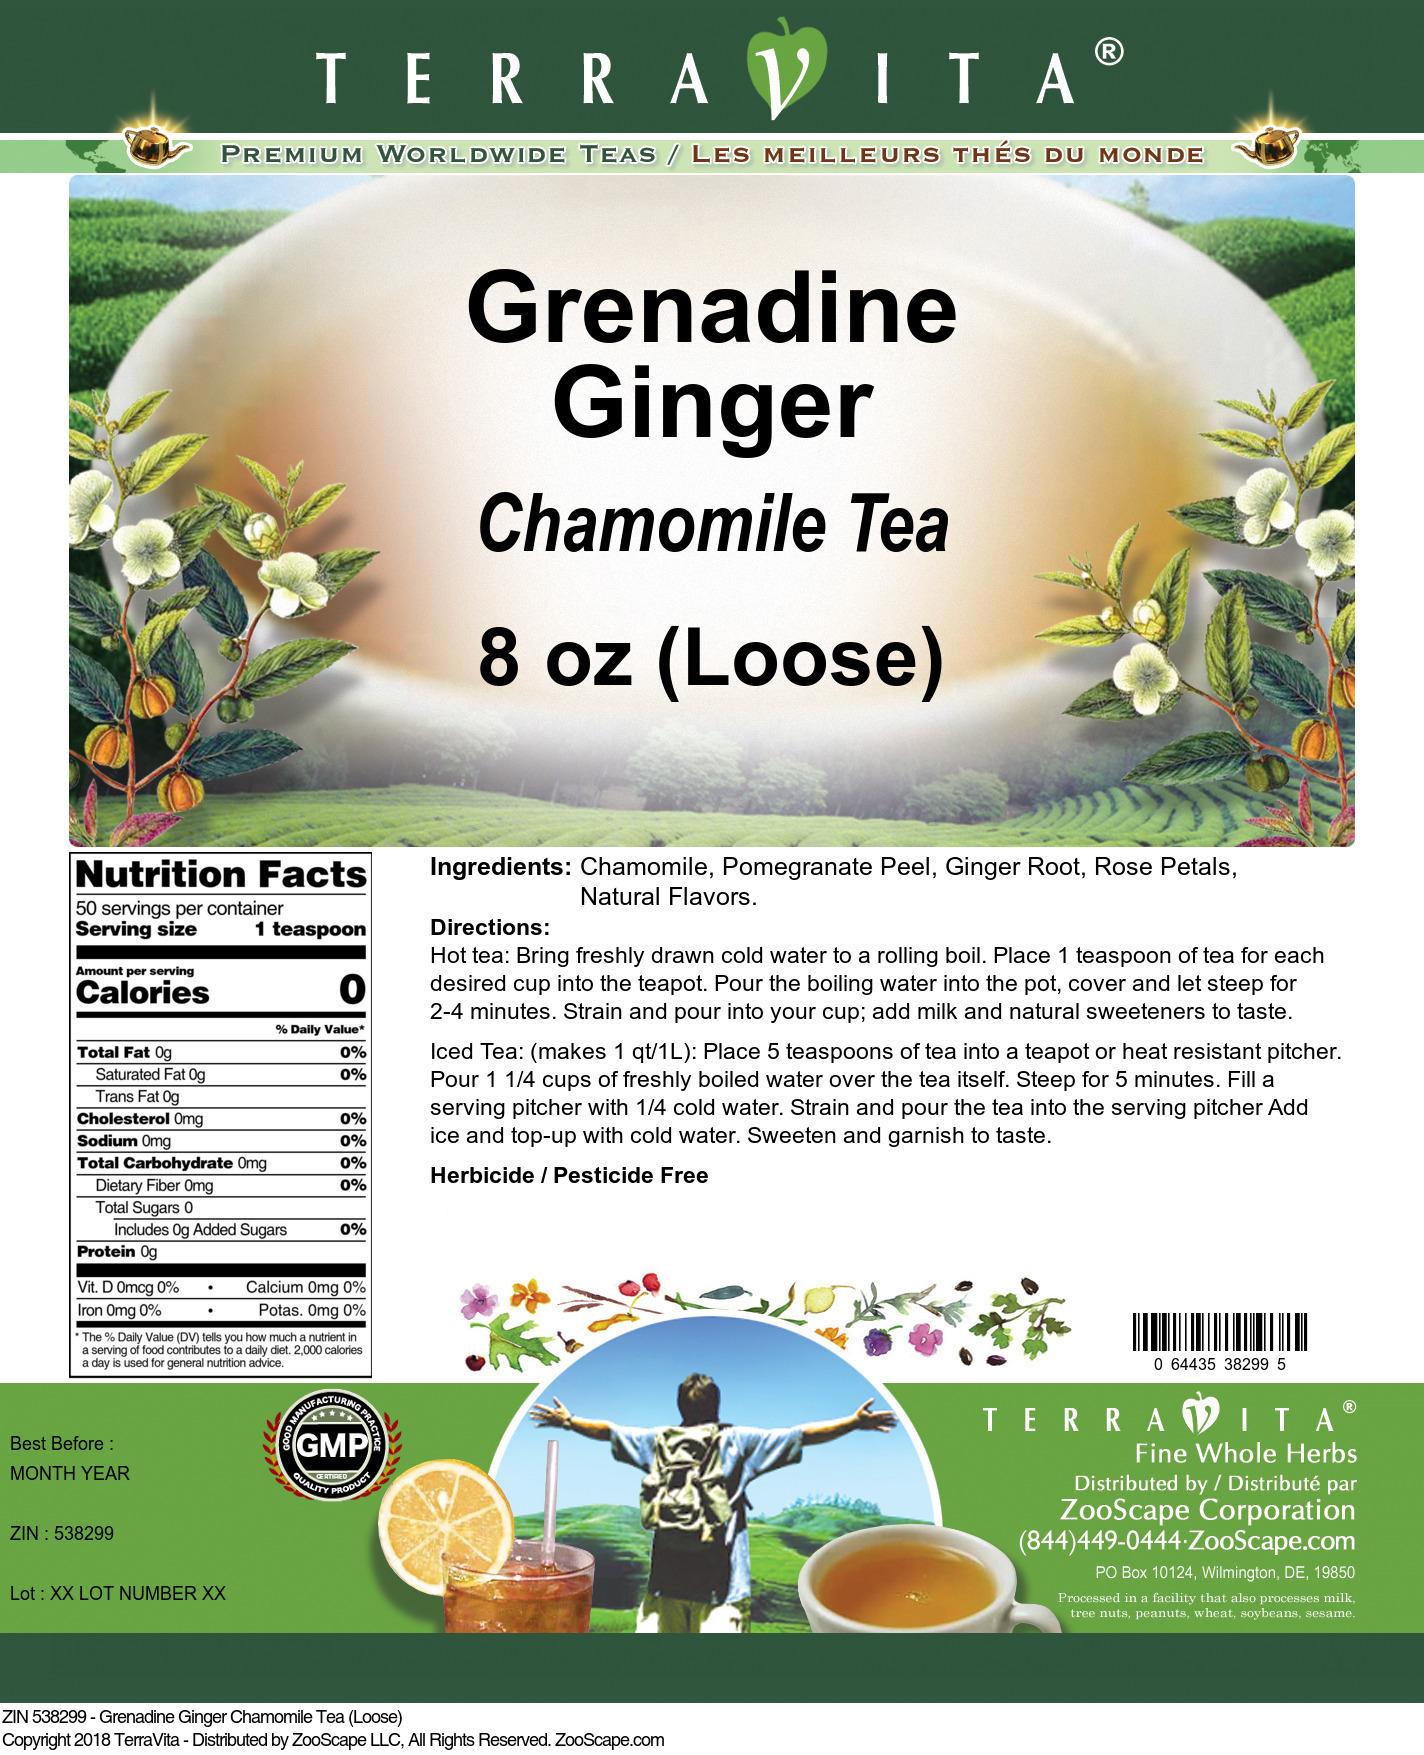 Grenadine Ginger Chamomile Tea